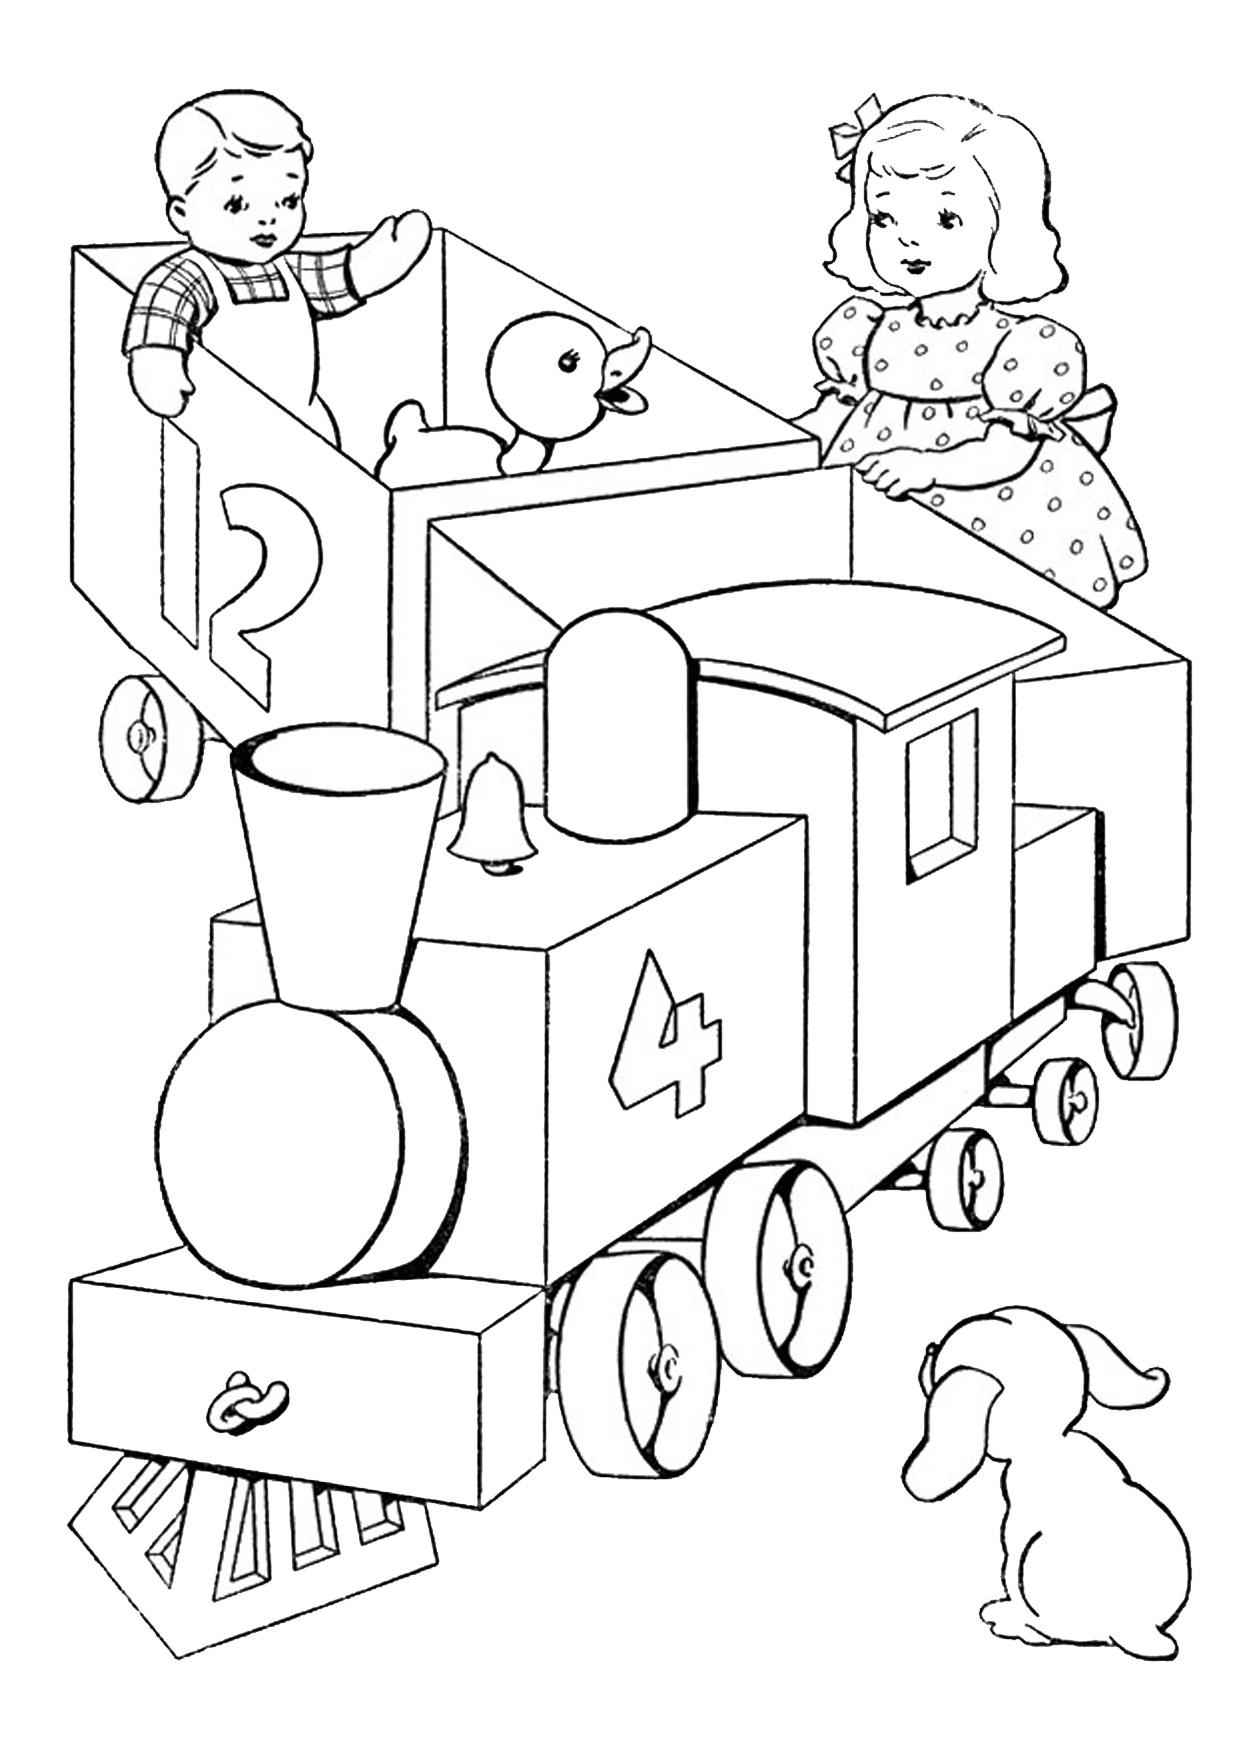 Disegno di treno cartoon da colorare 12